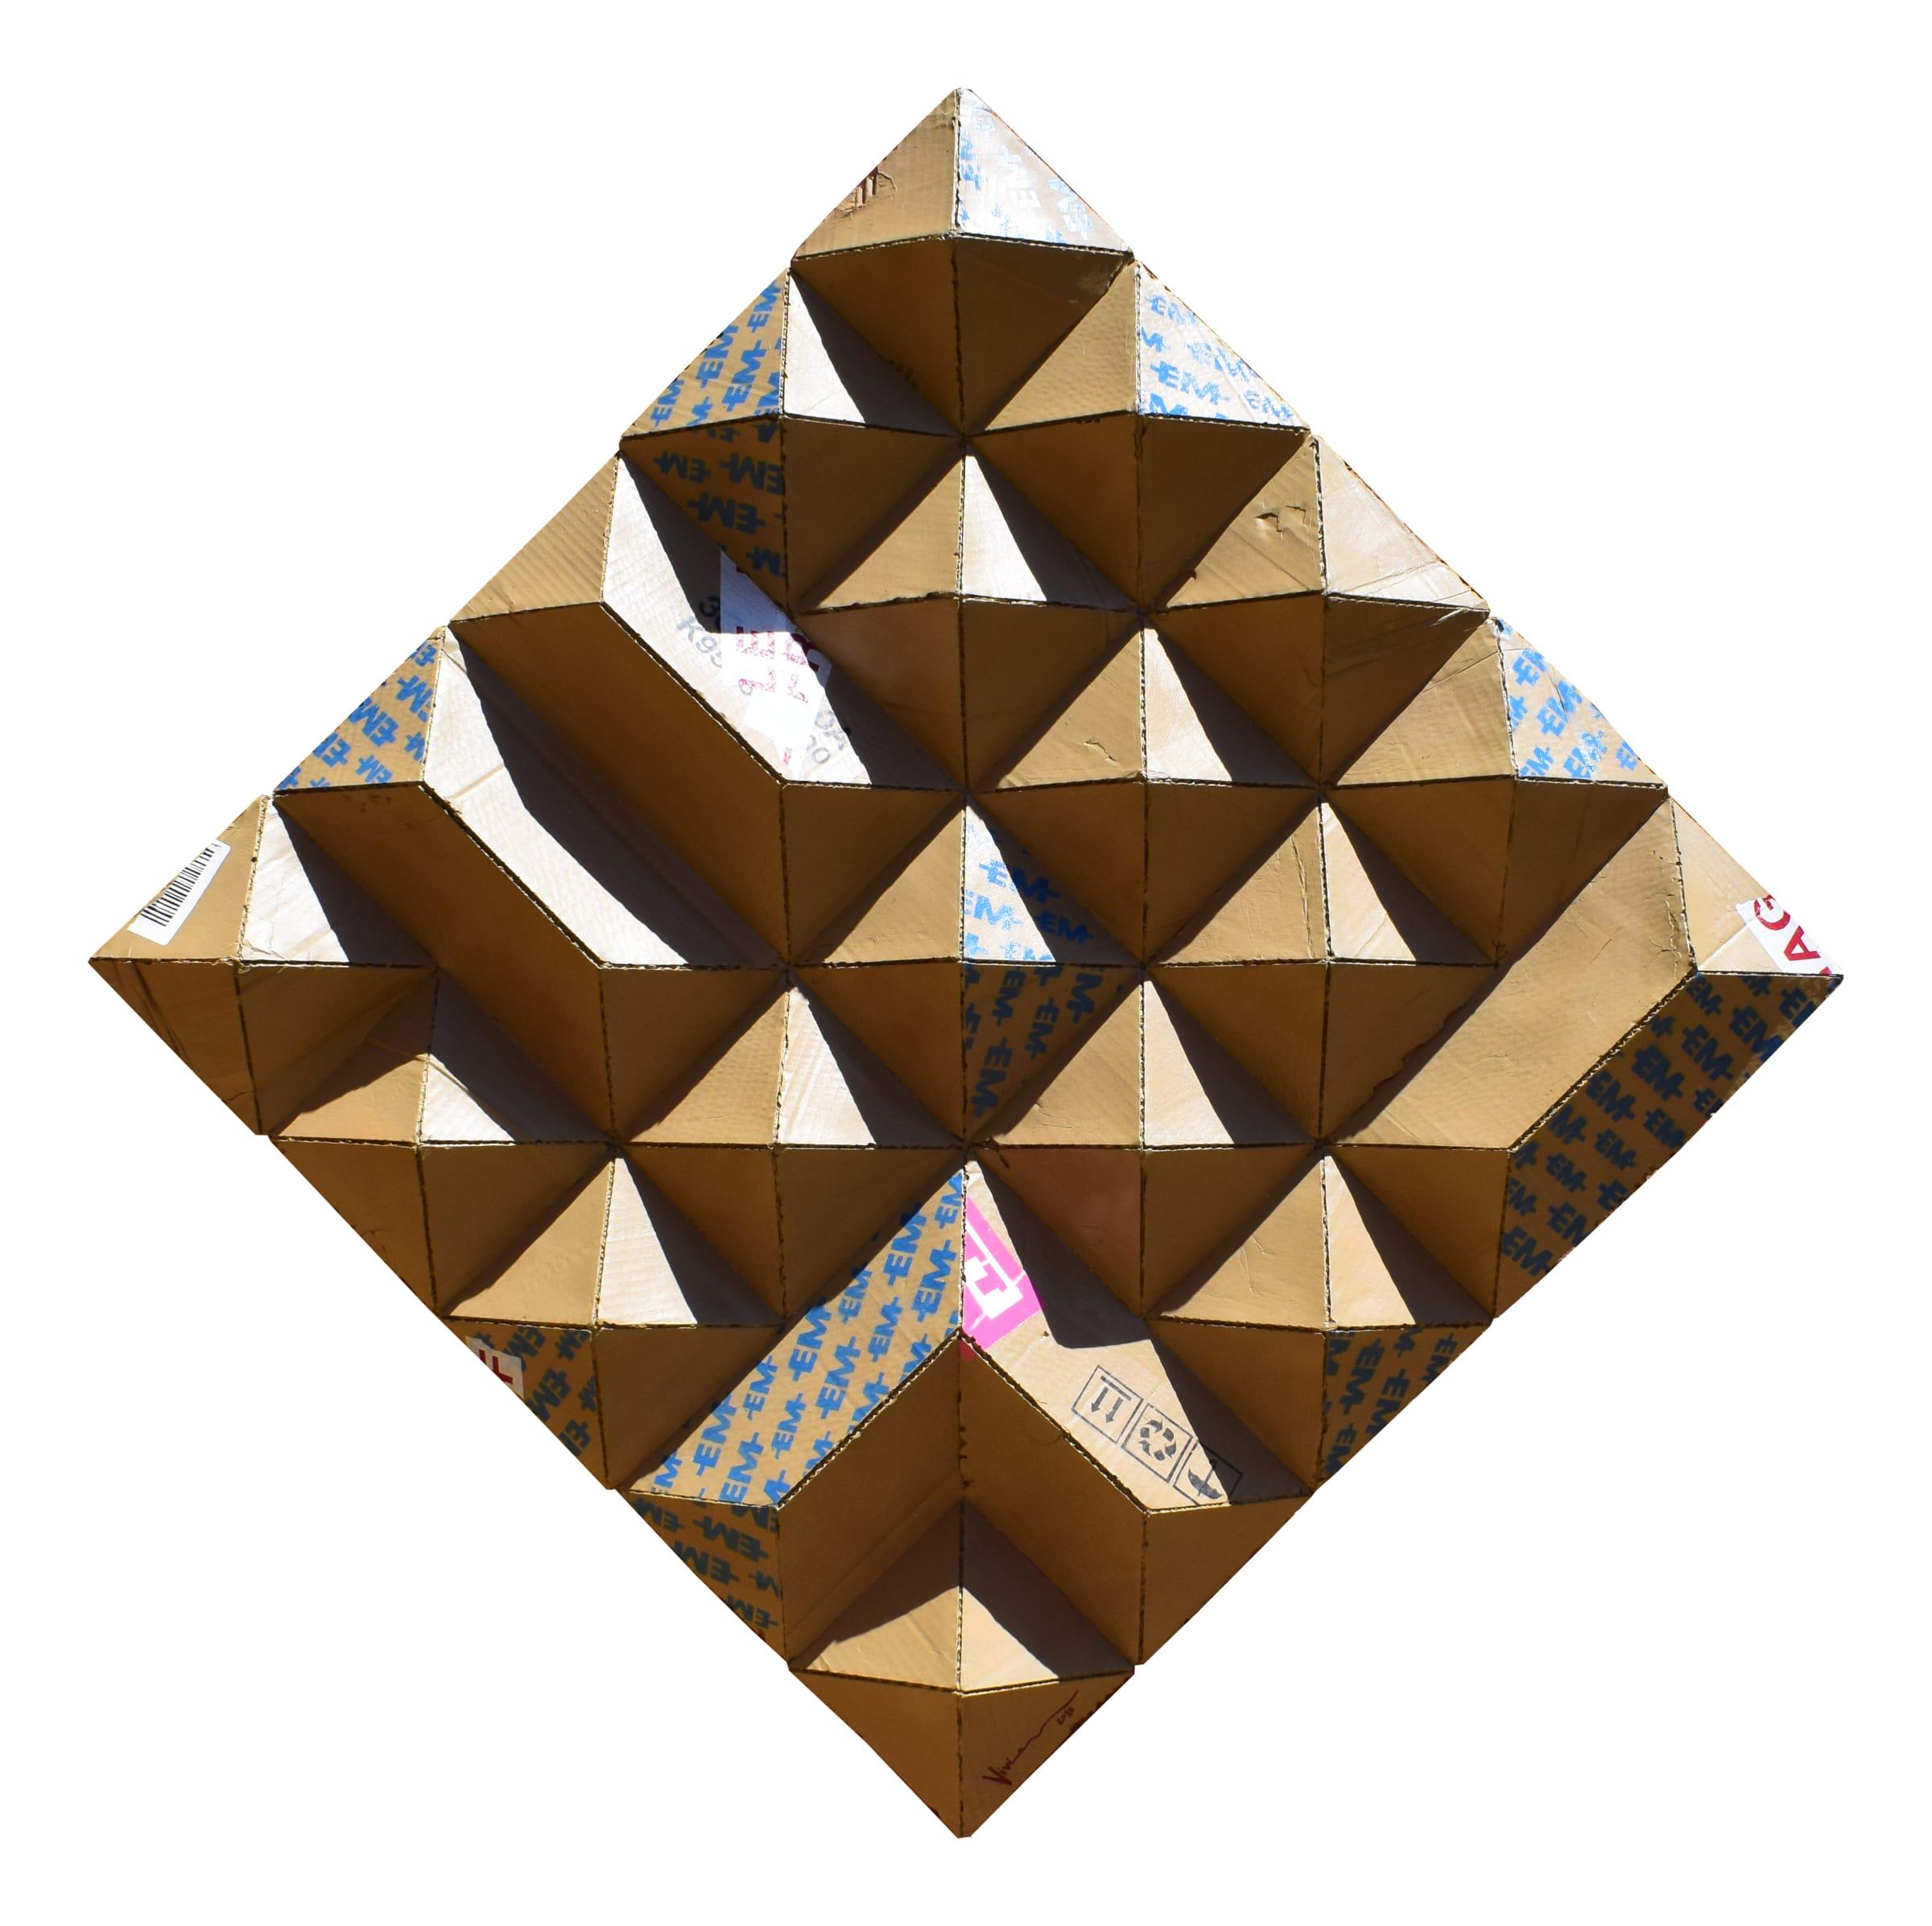 <span class=&#34;link fancybox-details-link&#34;><a href=&#34;/artists/78-vivien-kohler/works/3137-vivien-kohler-3l3ctro-fr4g-l1c4-2018/&#34;>View Detail Page</a></span><div class=&#34;artist&#34;><strong>Vivien Kohler</strong></div> <div class=&#34;title&#34;><em>3L3Ctro Fr4G-L1C4</em>, 2018</div> <div class=&#34;medium&#34;>Material One, Resin, Fiberglass & Spay Paint</div> <div class=&#34;dimensions&#34;>125cm x 125cm x 9cm</div><div class=&#34;price&#34;>R34,000.00</div>